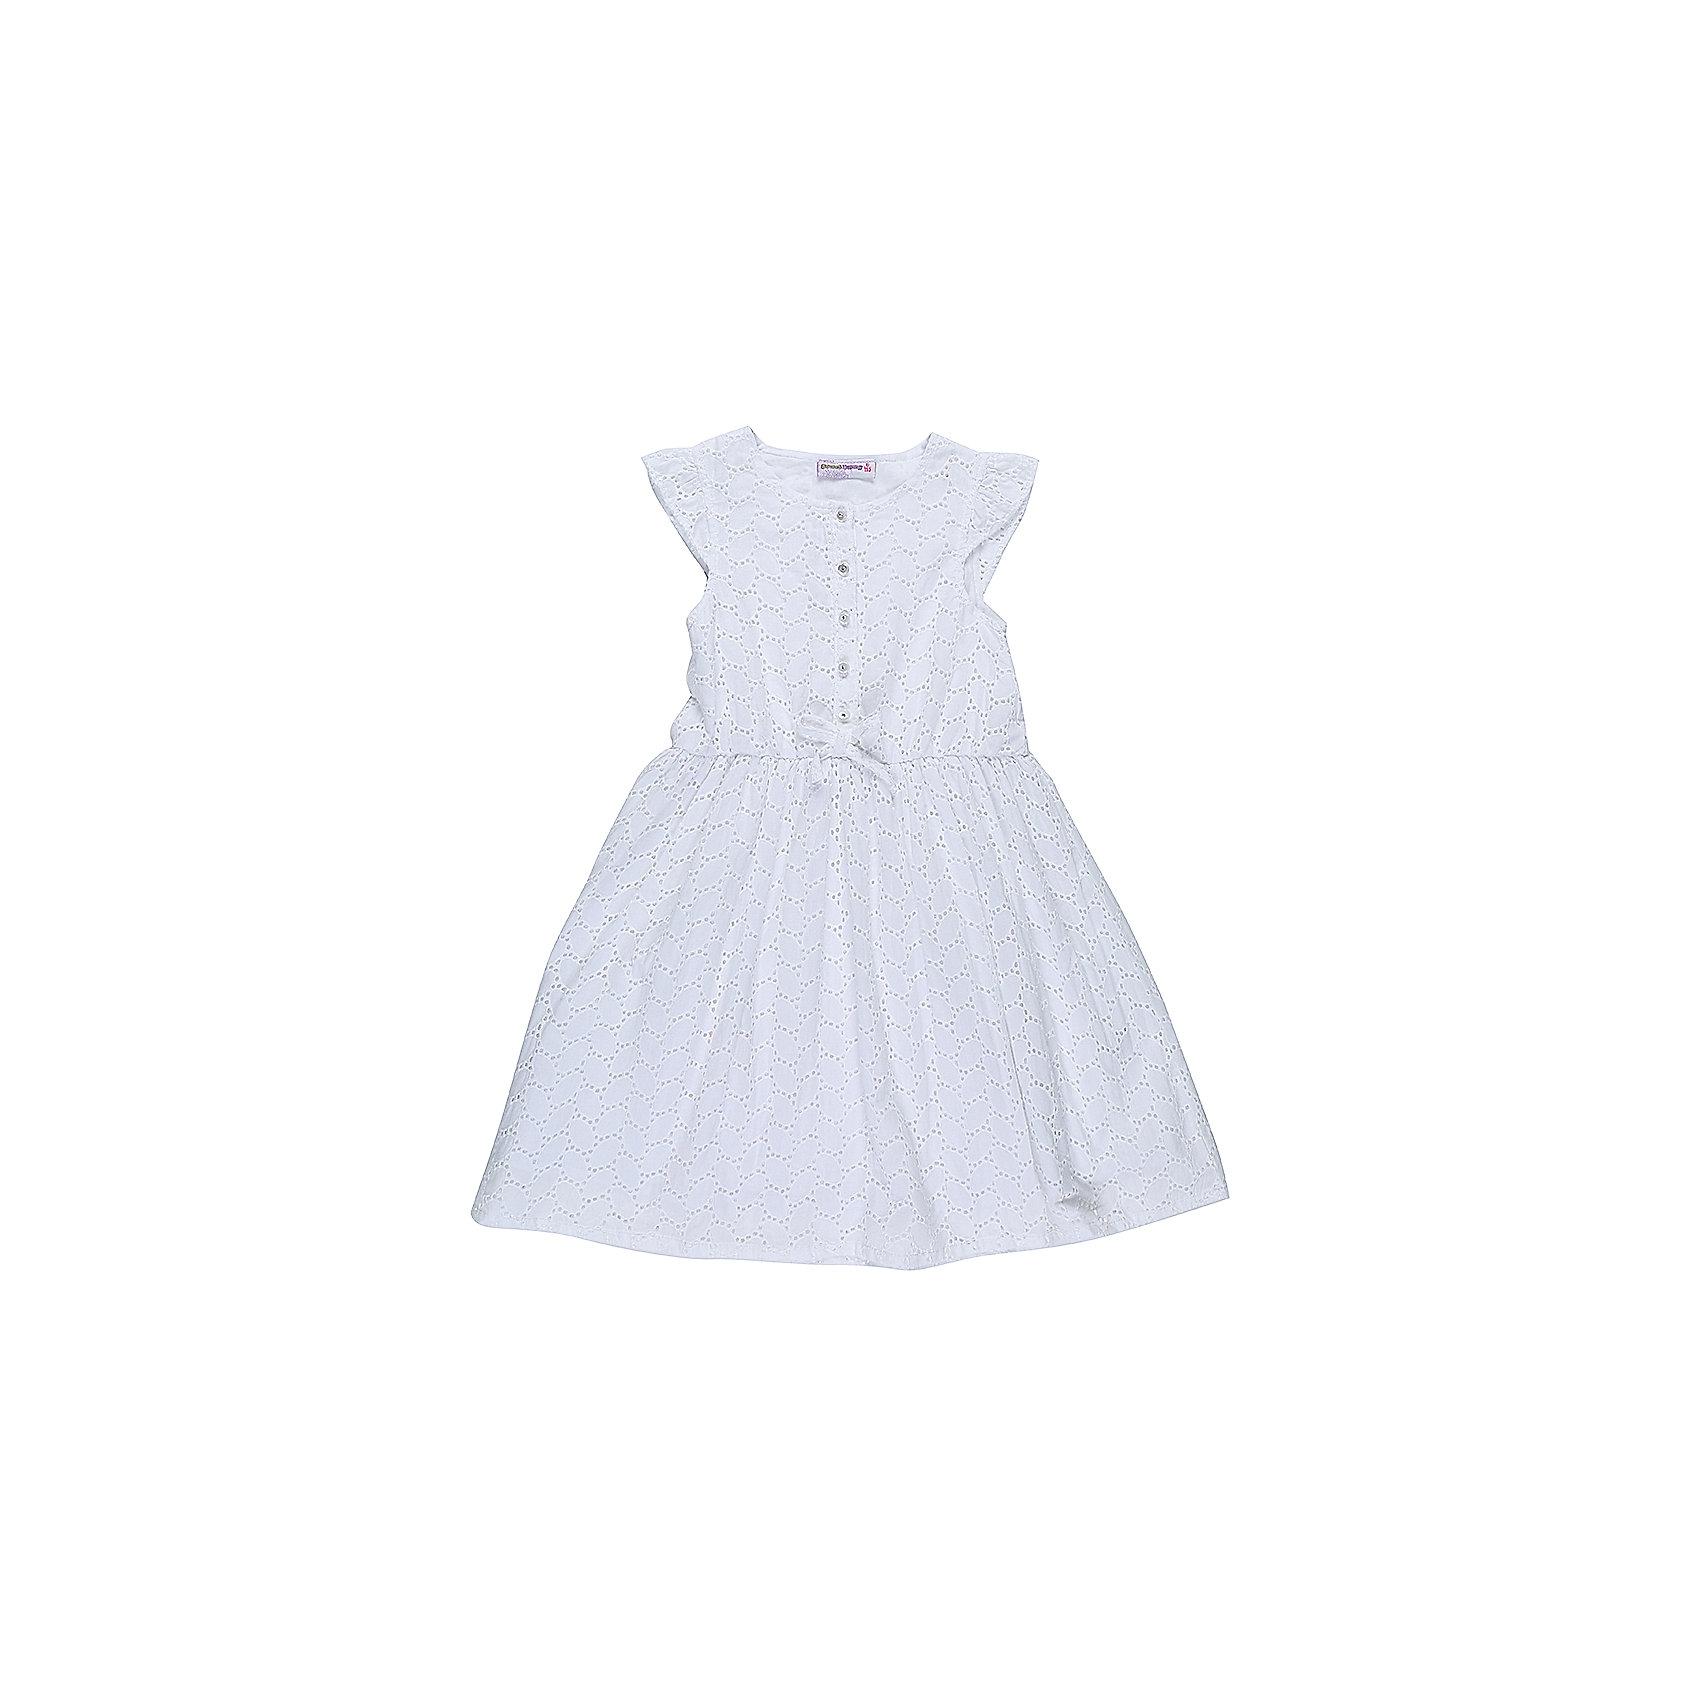 Платье для девочки Sweet BerryХлопковое платье для девочки из вышитого полотна. Декорированно пуговками и маленьким бантиком. Хлопковый подклад. Приталенный крой.<br>Состав:<br>Верх: 100% хлопок, Подкладка: 100%хлопок<br><br>Ширина мм: 236<br>Глубина мм: 16<br>Высота мм: 184<br>Вес г: 177<br>Цвет: белый<br>Возраст от месяцев: 36<br>Возраст до месяцев: 48<br>Пол: Женский<br>Возраст: Детский<br>Размер: 104,98,110,116,122,128<br>SKU: 5410066